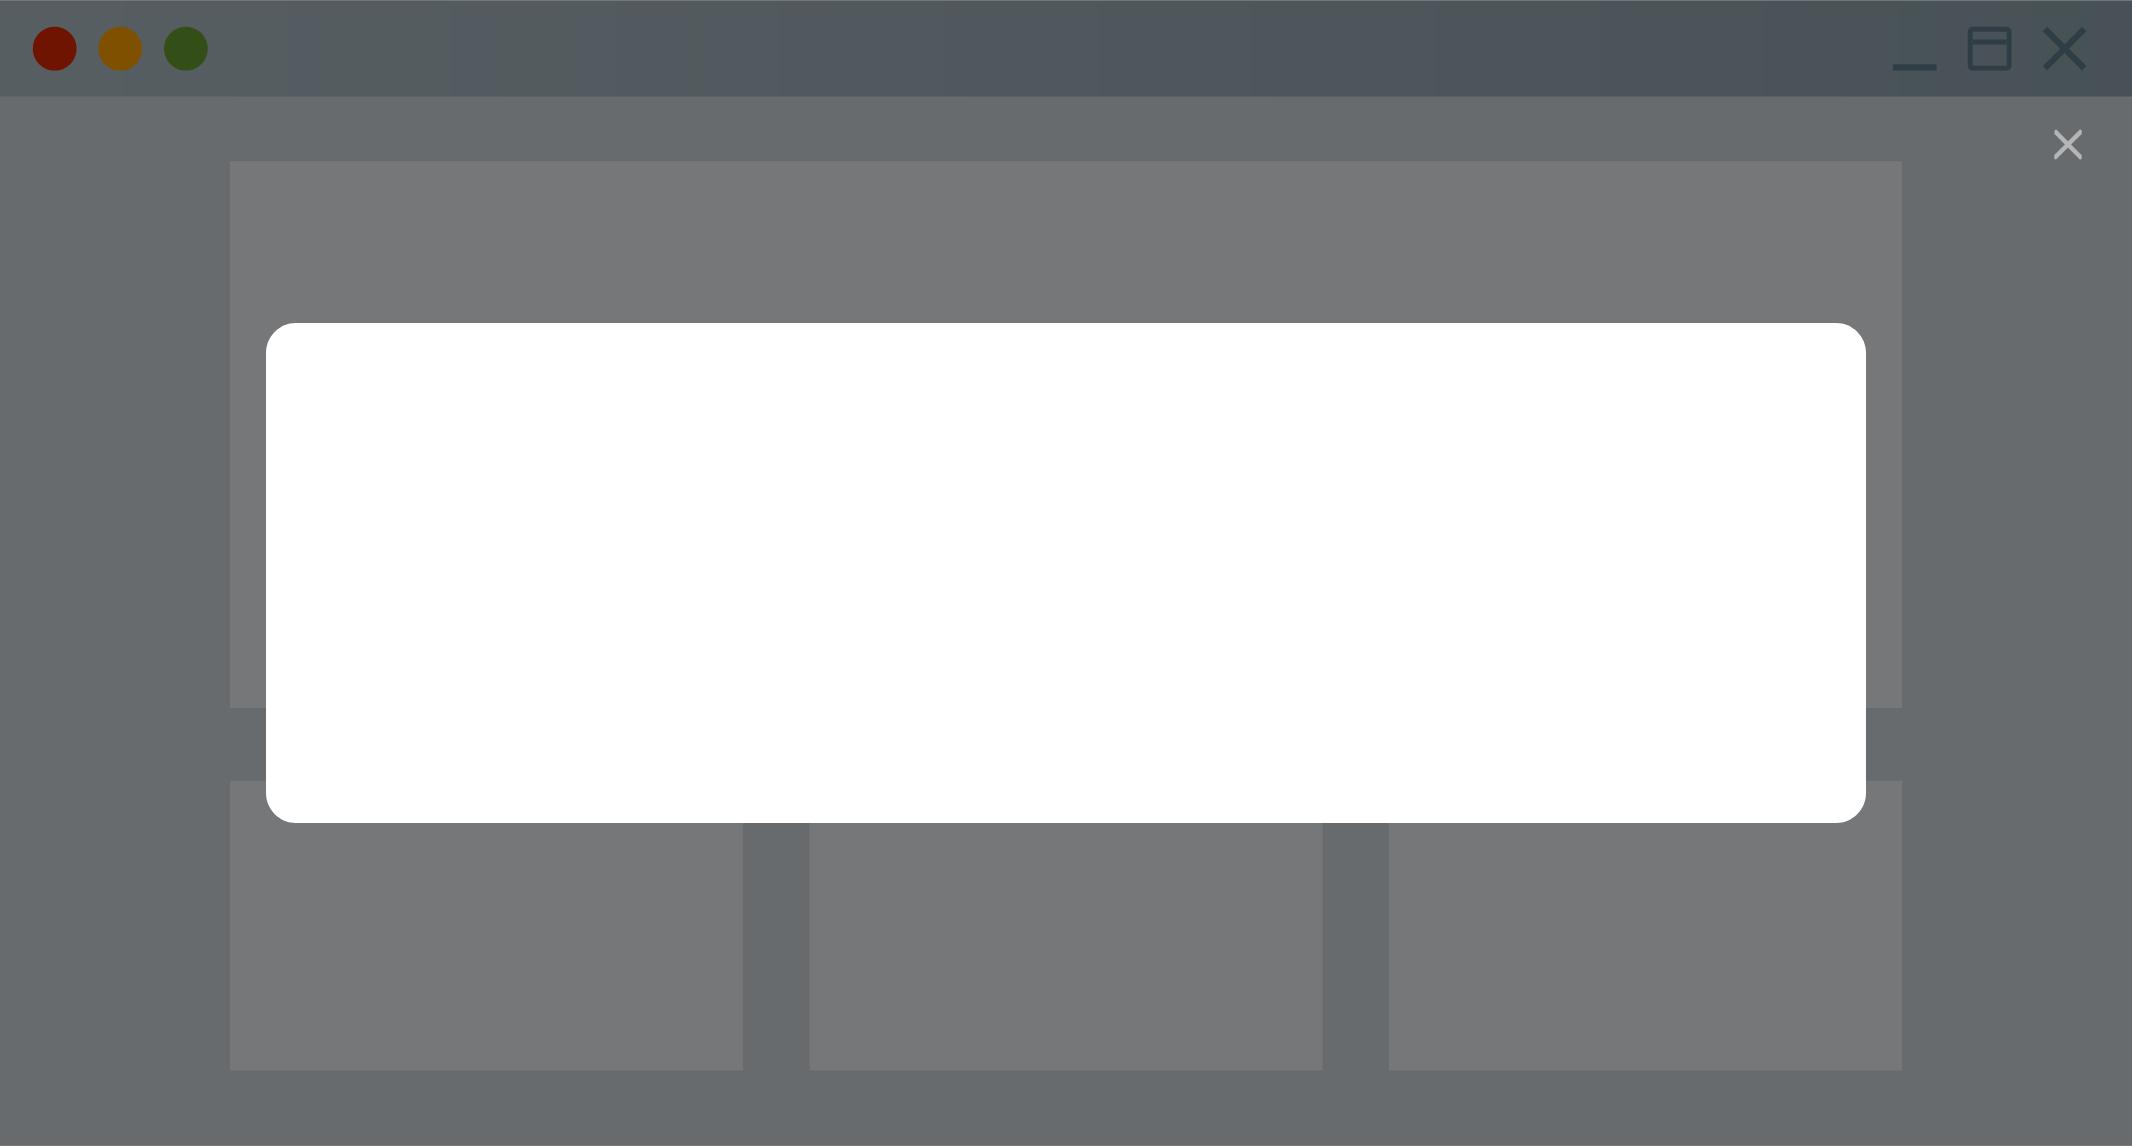 overlay_code-it-yourselfImage